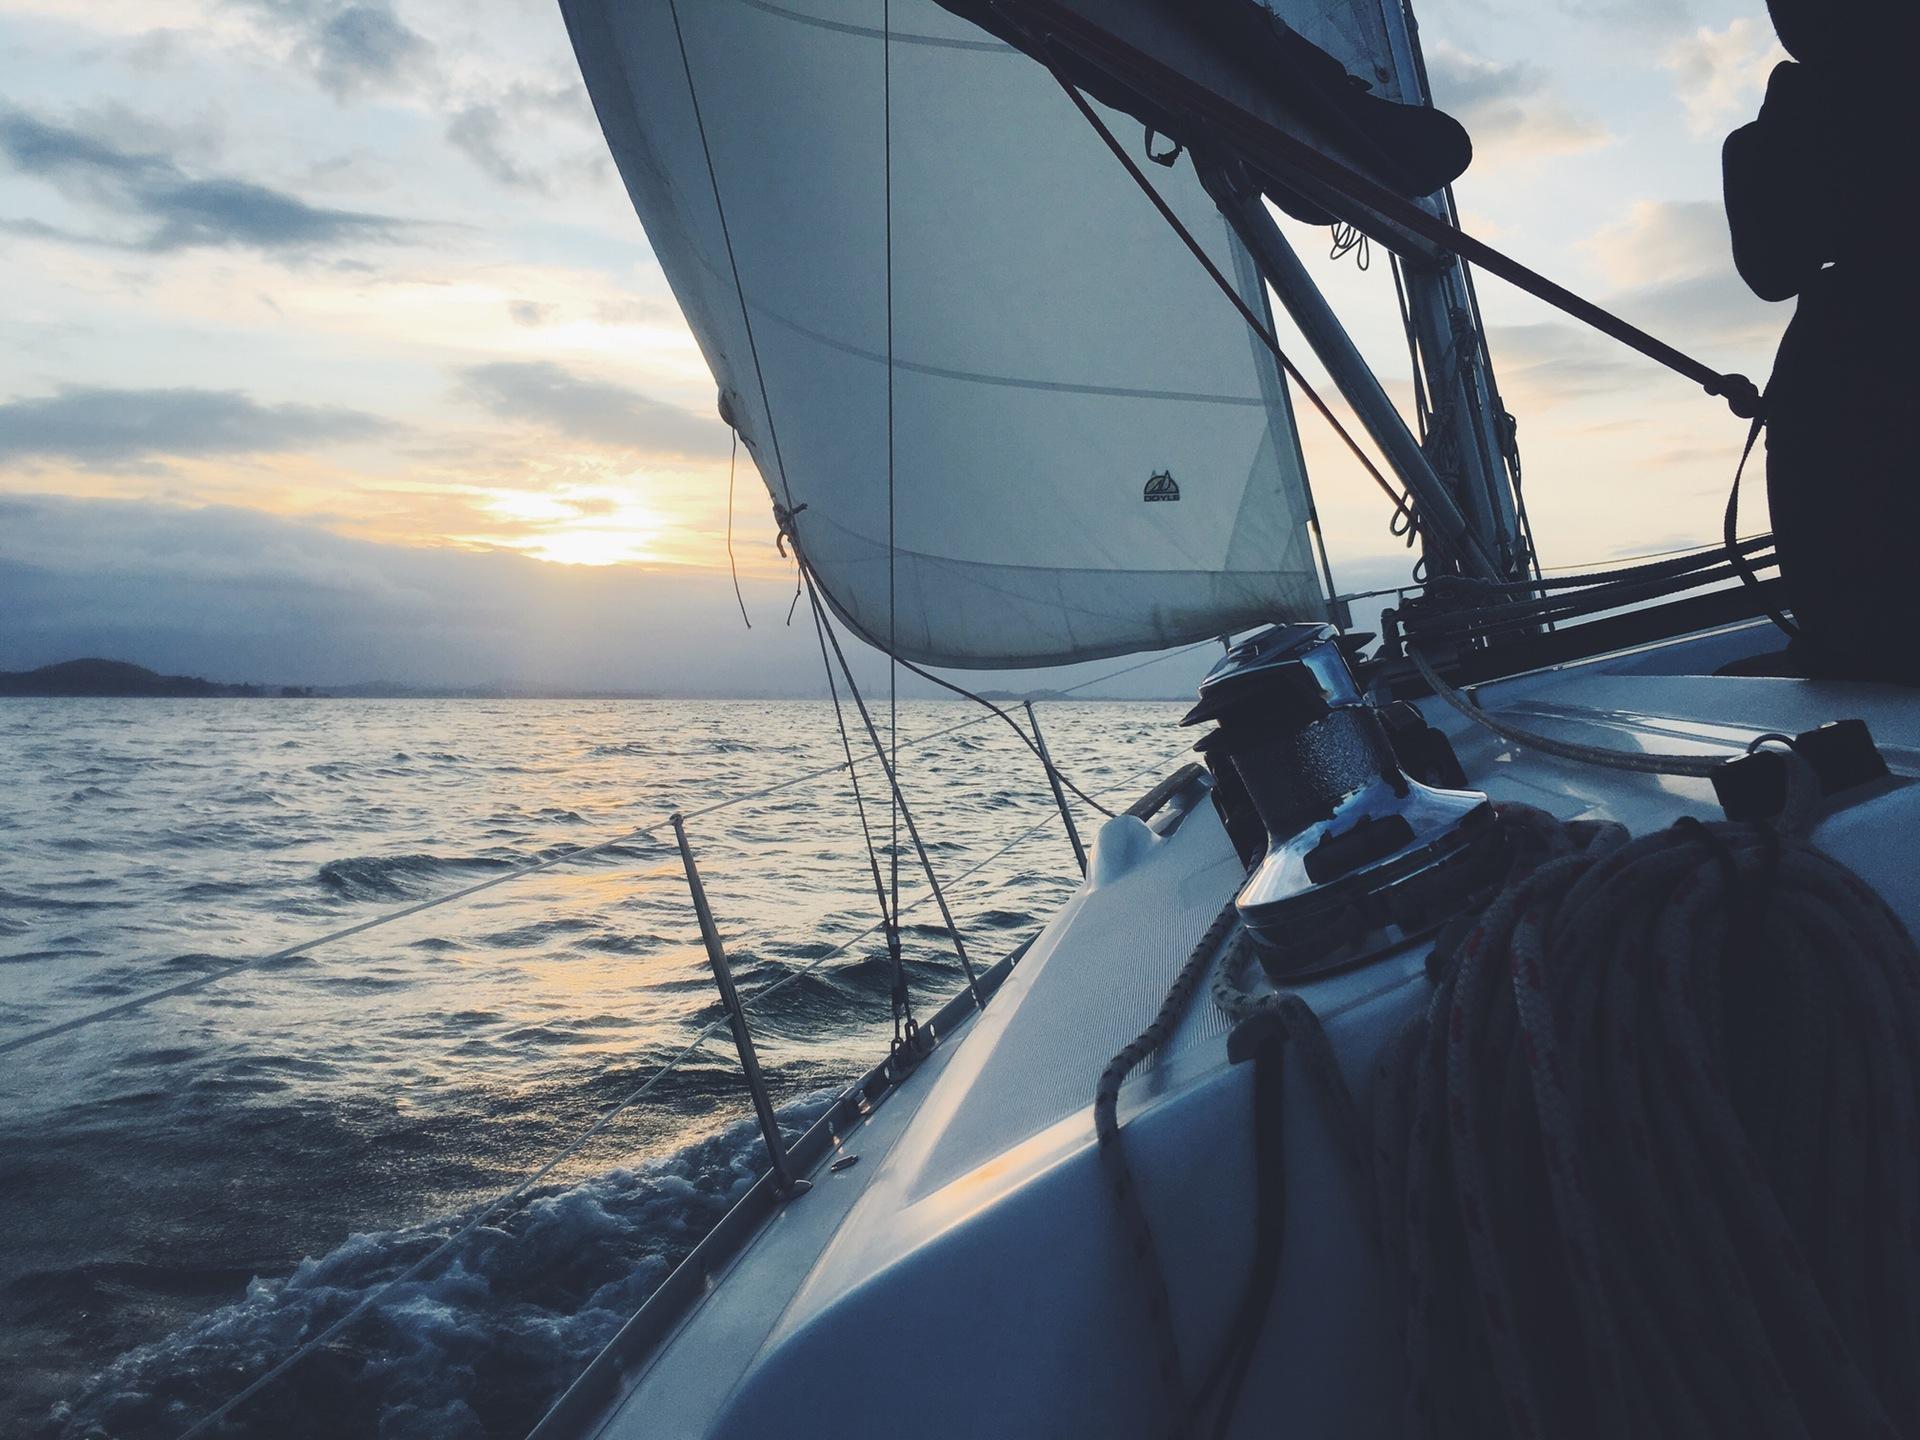 ヨット, mar, [参照],海o, クルーズ - HD の壁紙 - 教授-falken.com